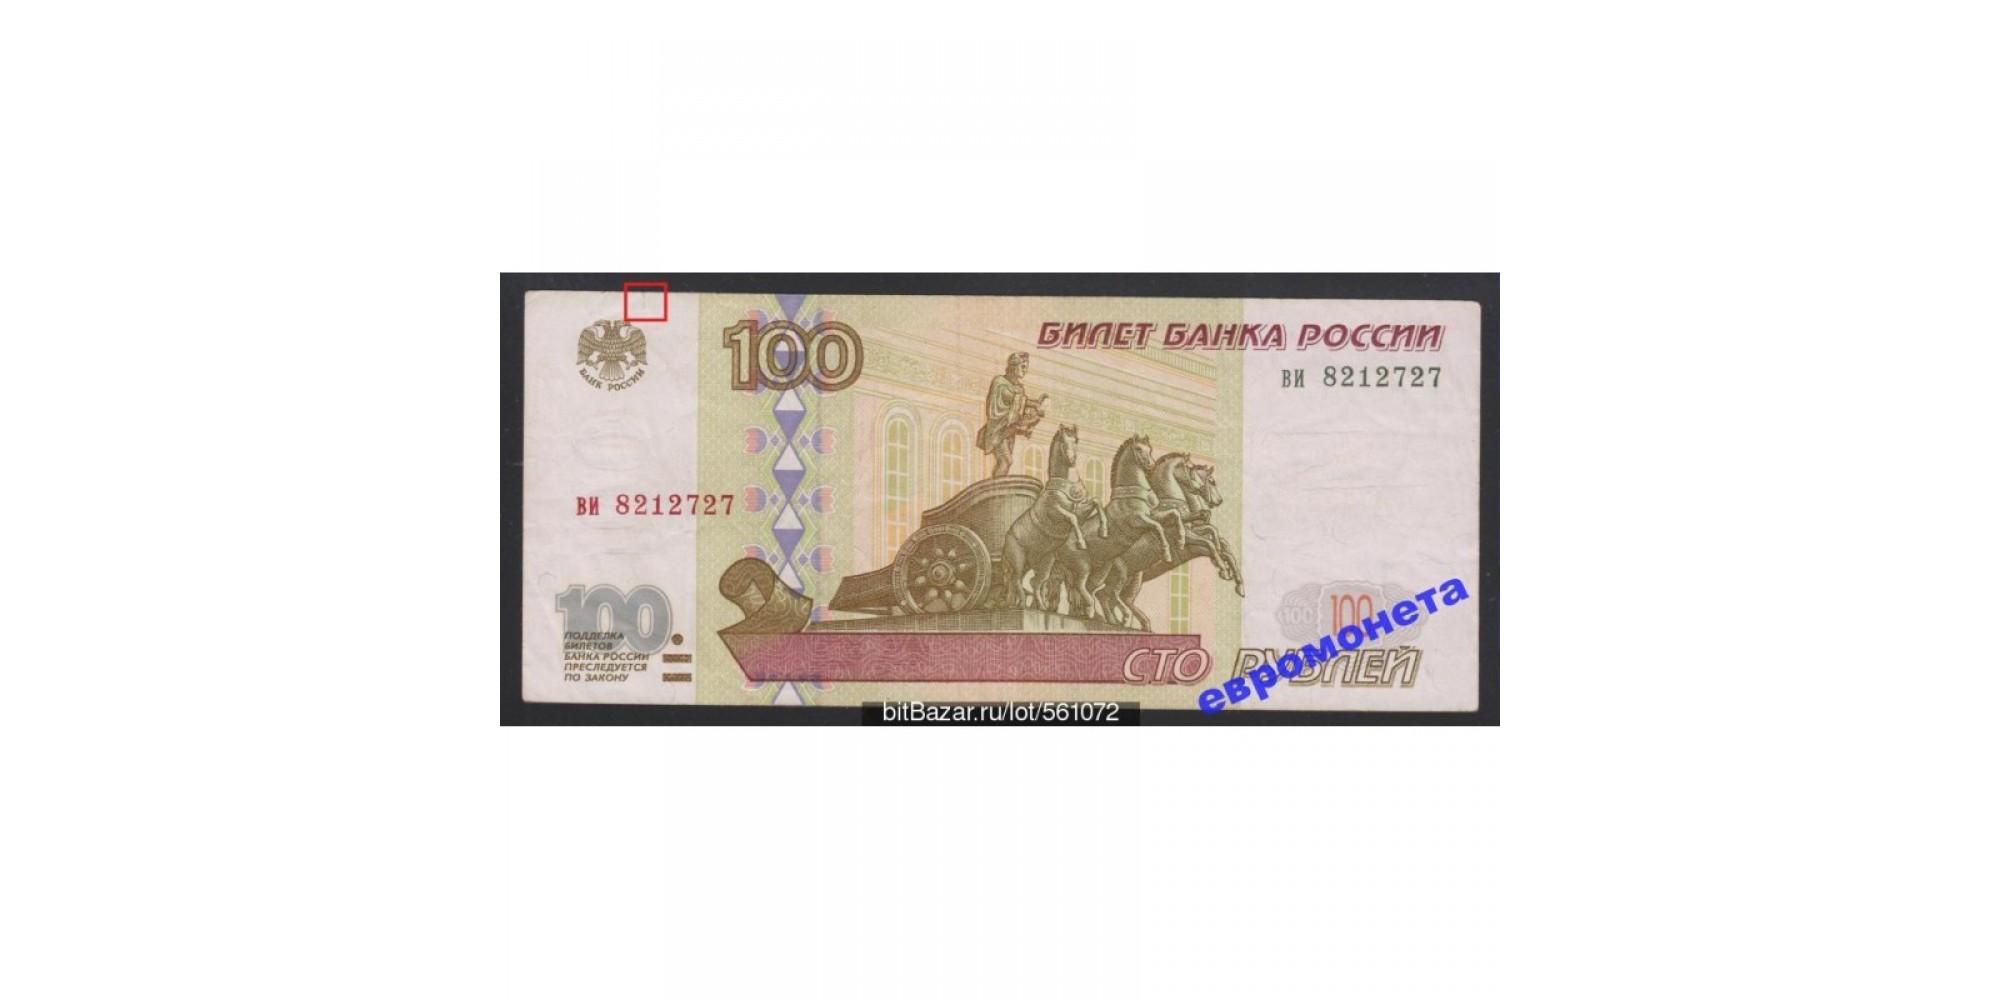 Россия 100 рублей 1997 год без модификации серия ви 8212727